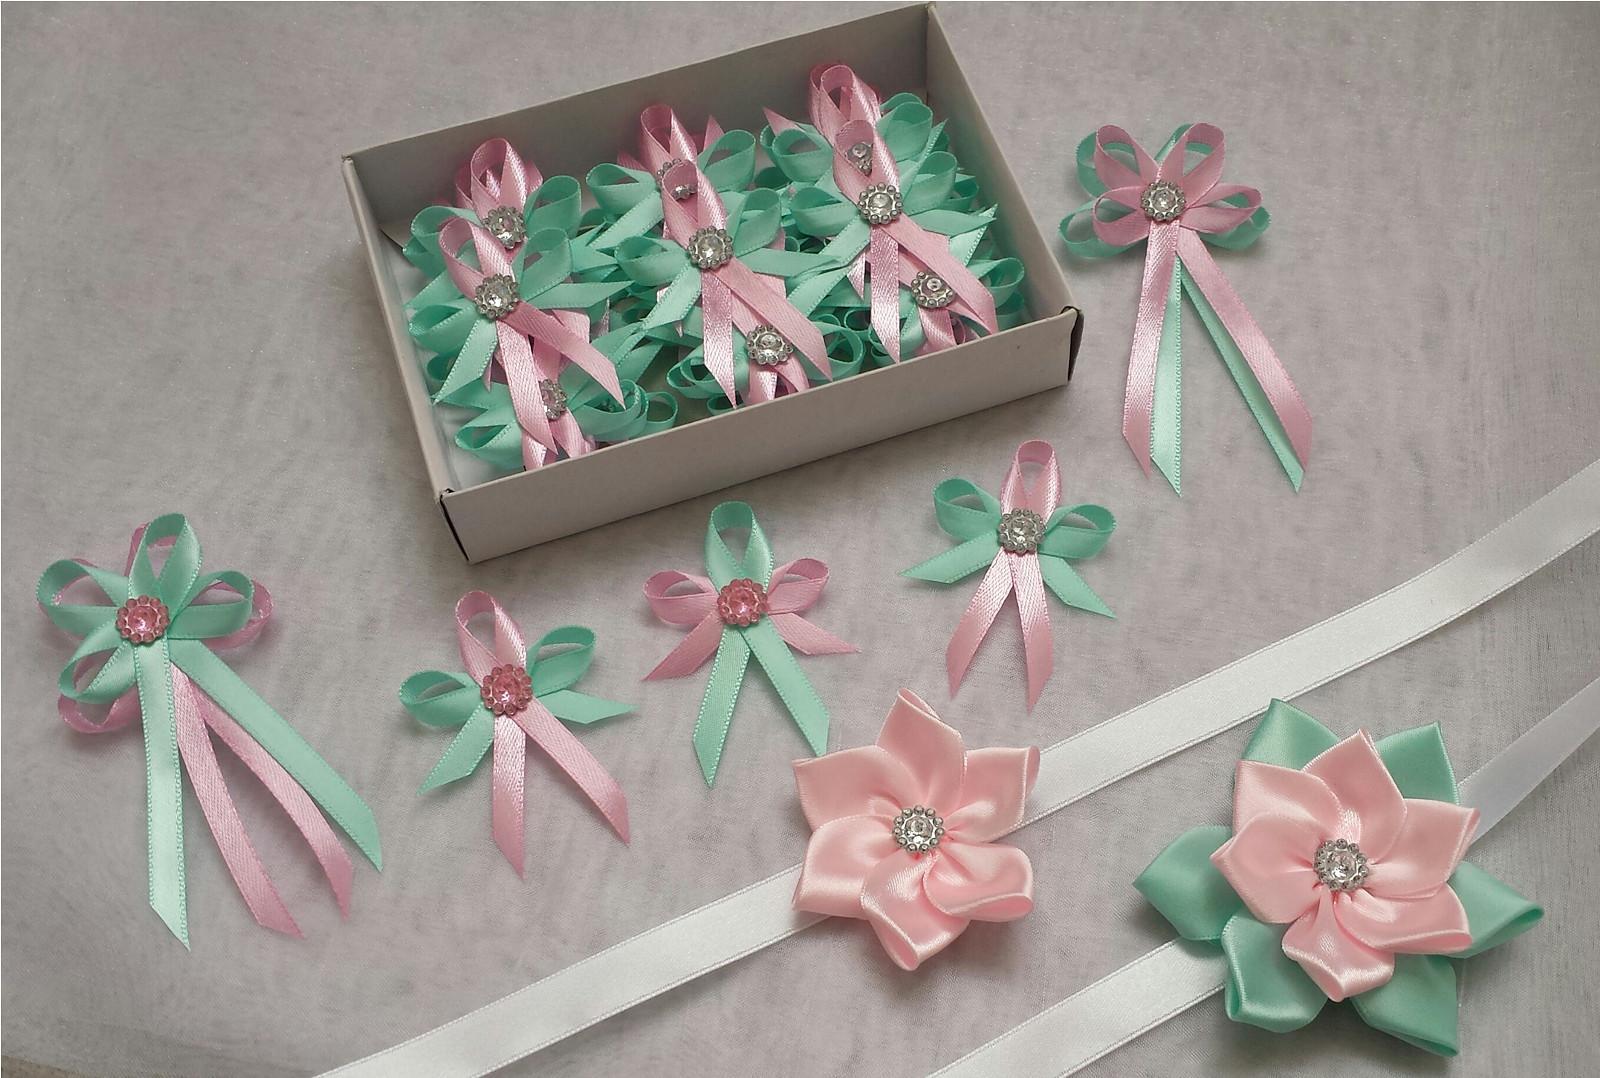 Svatební vývazky Mint blue and Pink - Obrázek č. 1